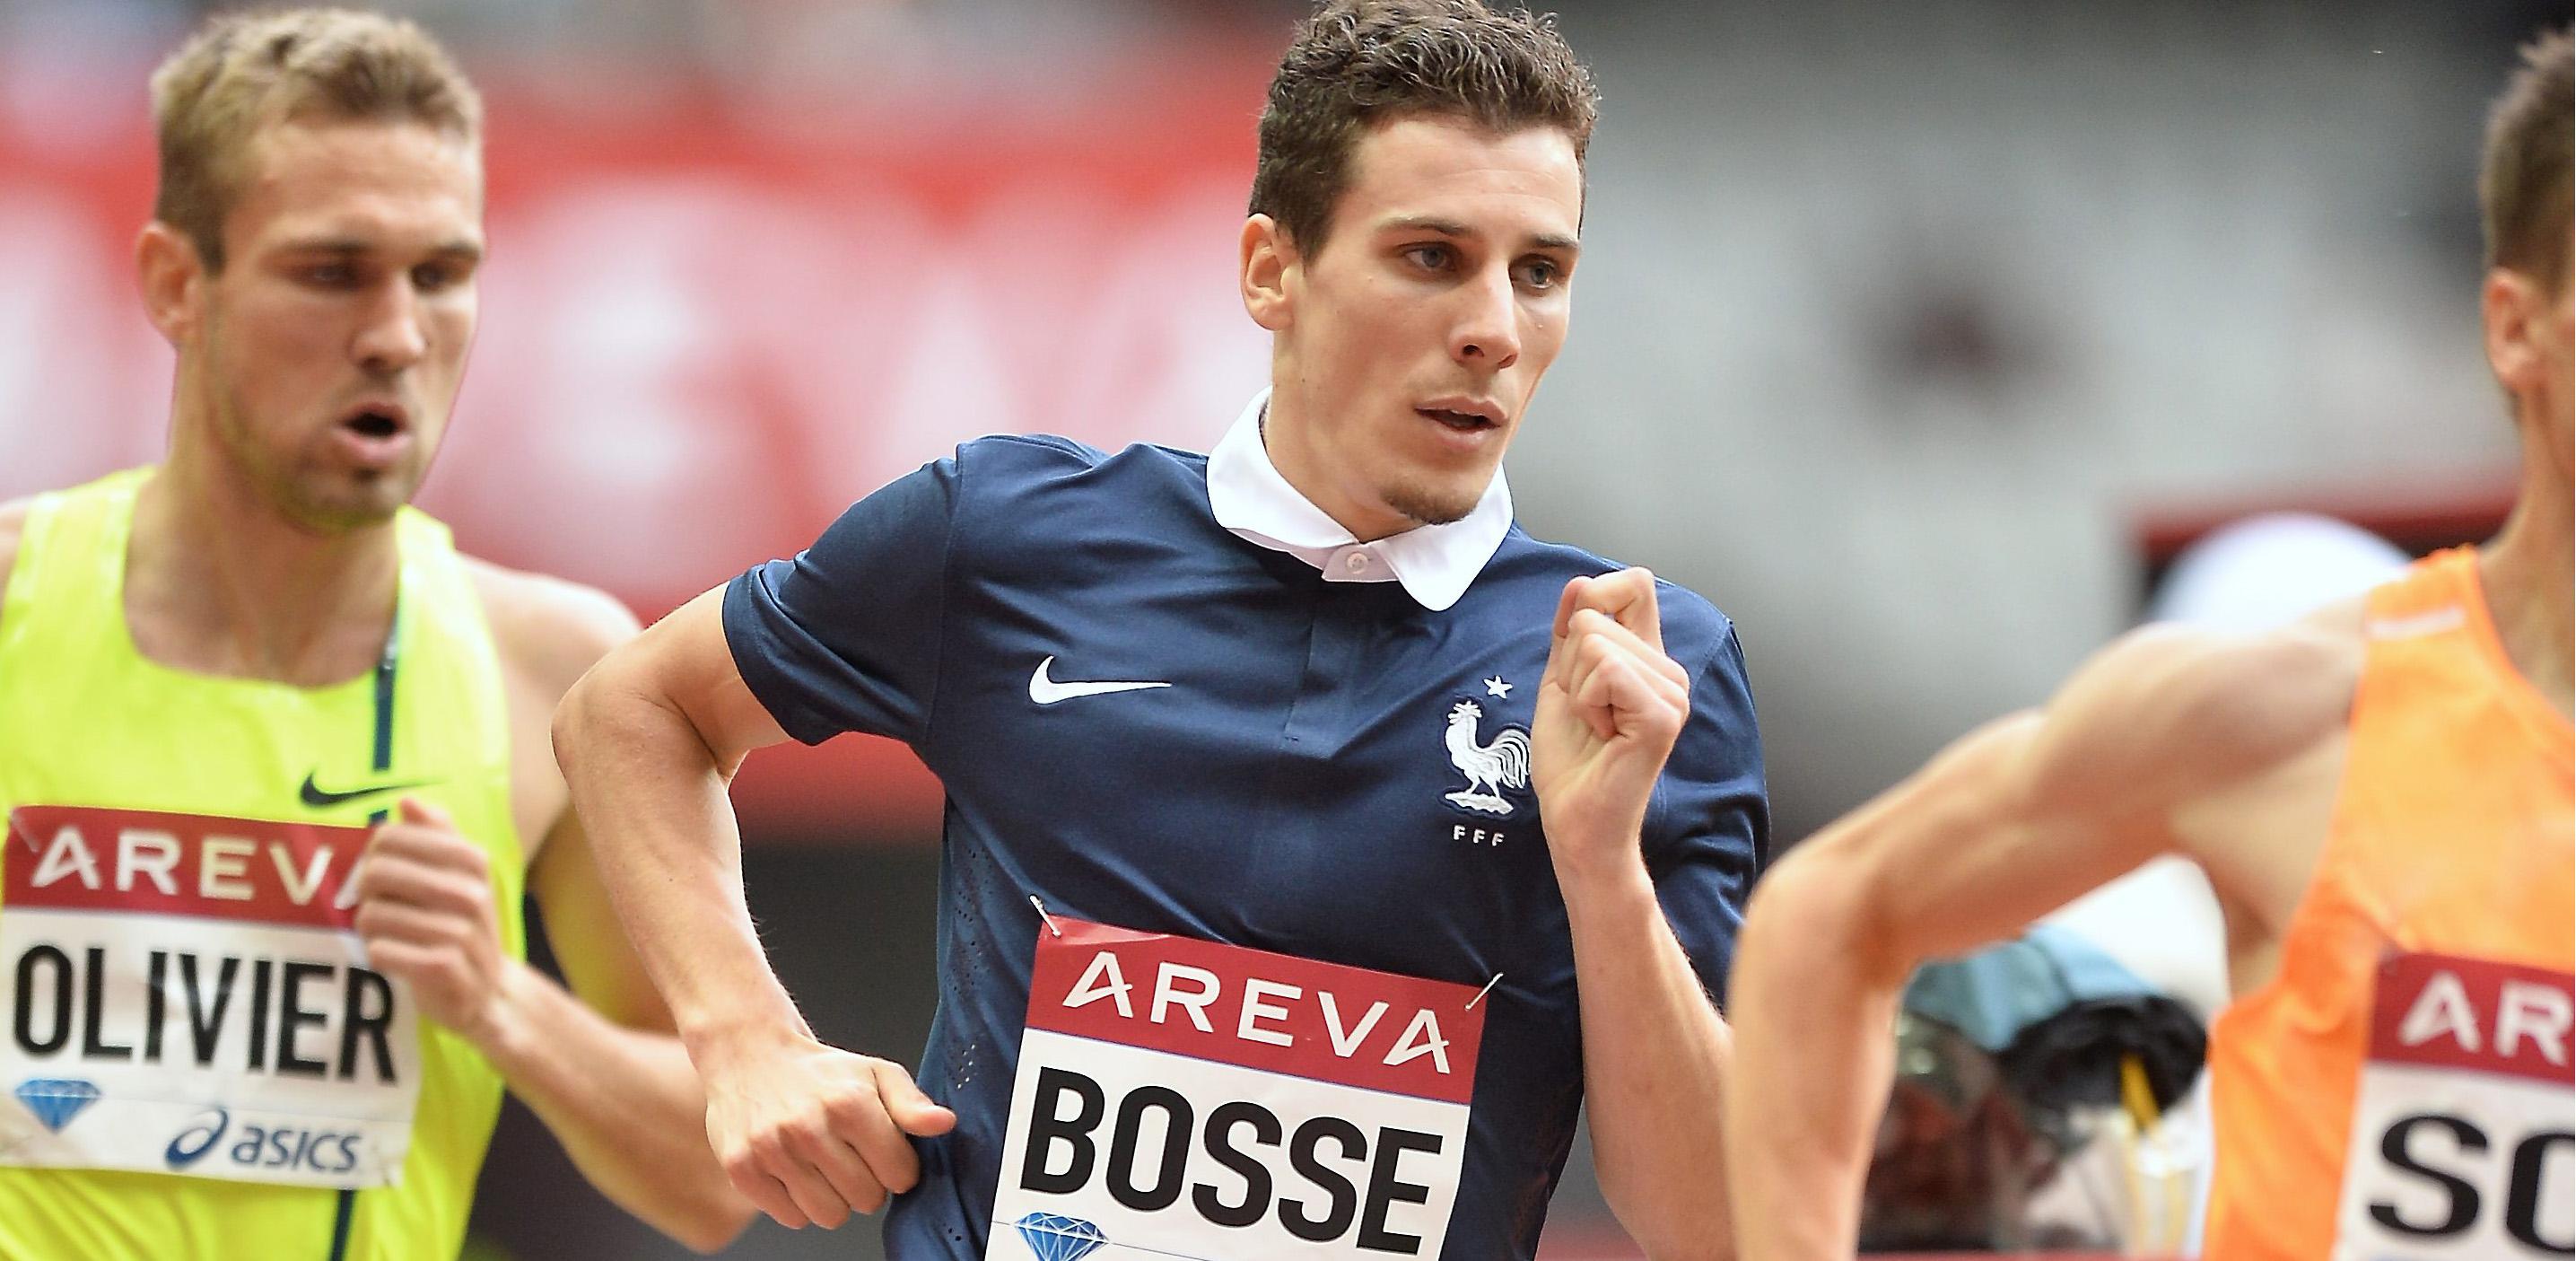 ATHLETISME : Meeting Areva - IAAF Diamond League - 05/07/2014